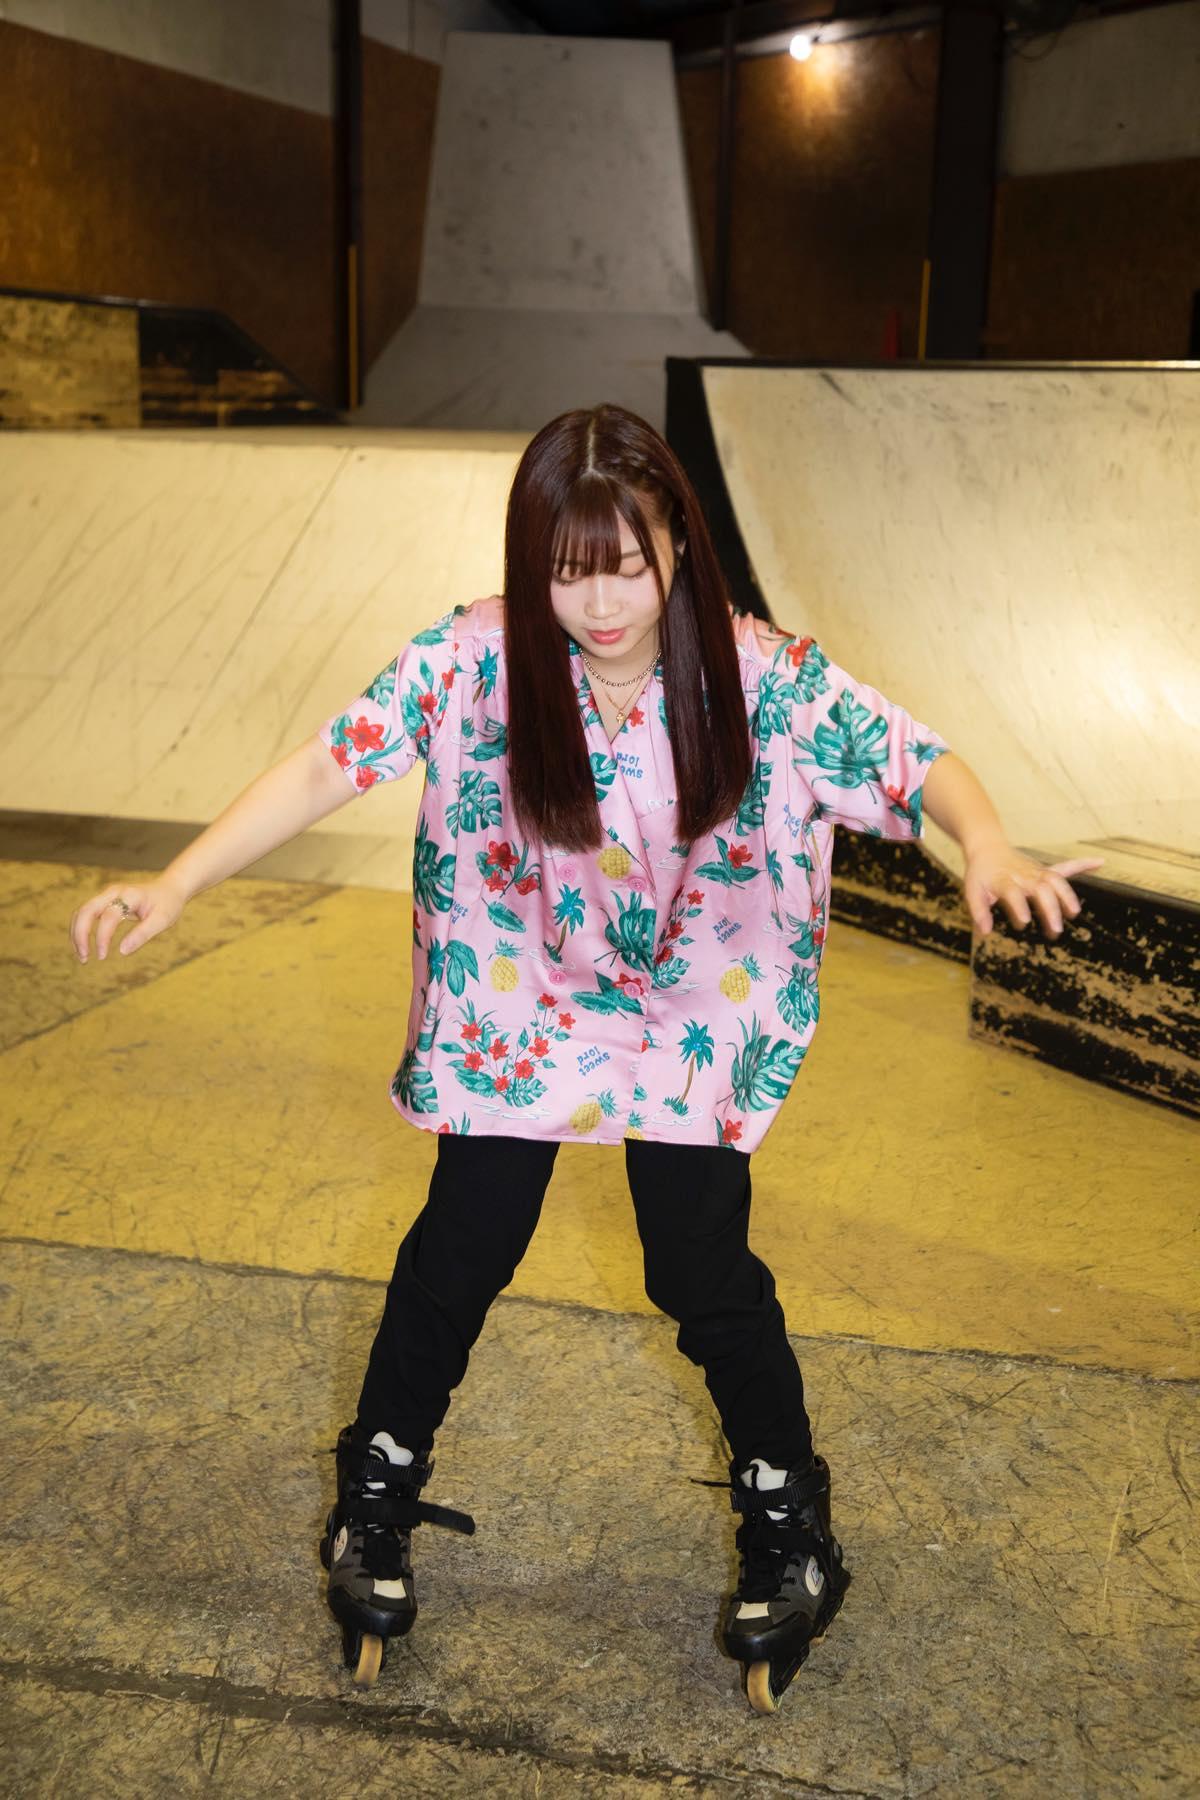 米田みいな「初めてのインラインスケートでなぜかにゃんこスターのモノマネ!?」【写真37枚】【連載】ラストアイドルのすっぴん!vol.21の画像015